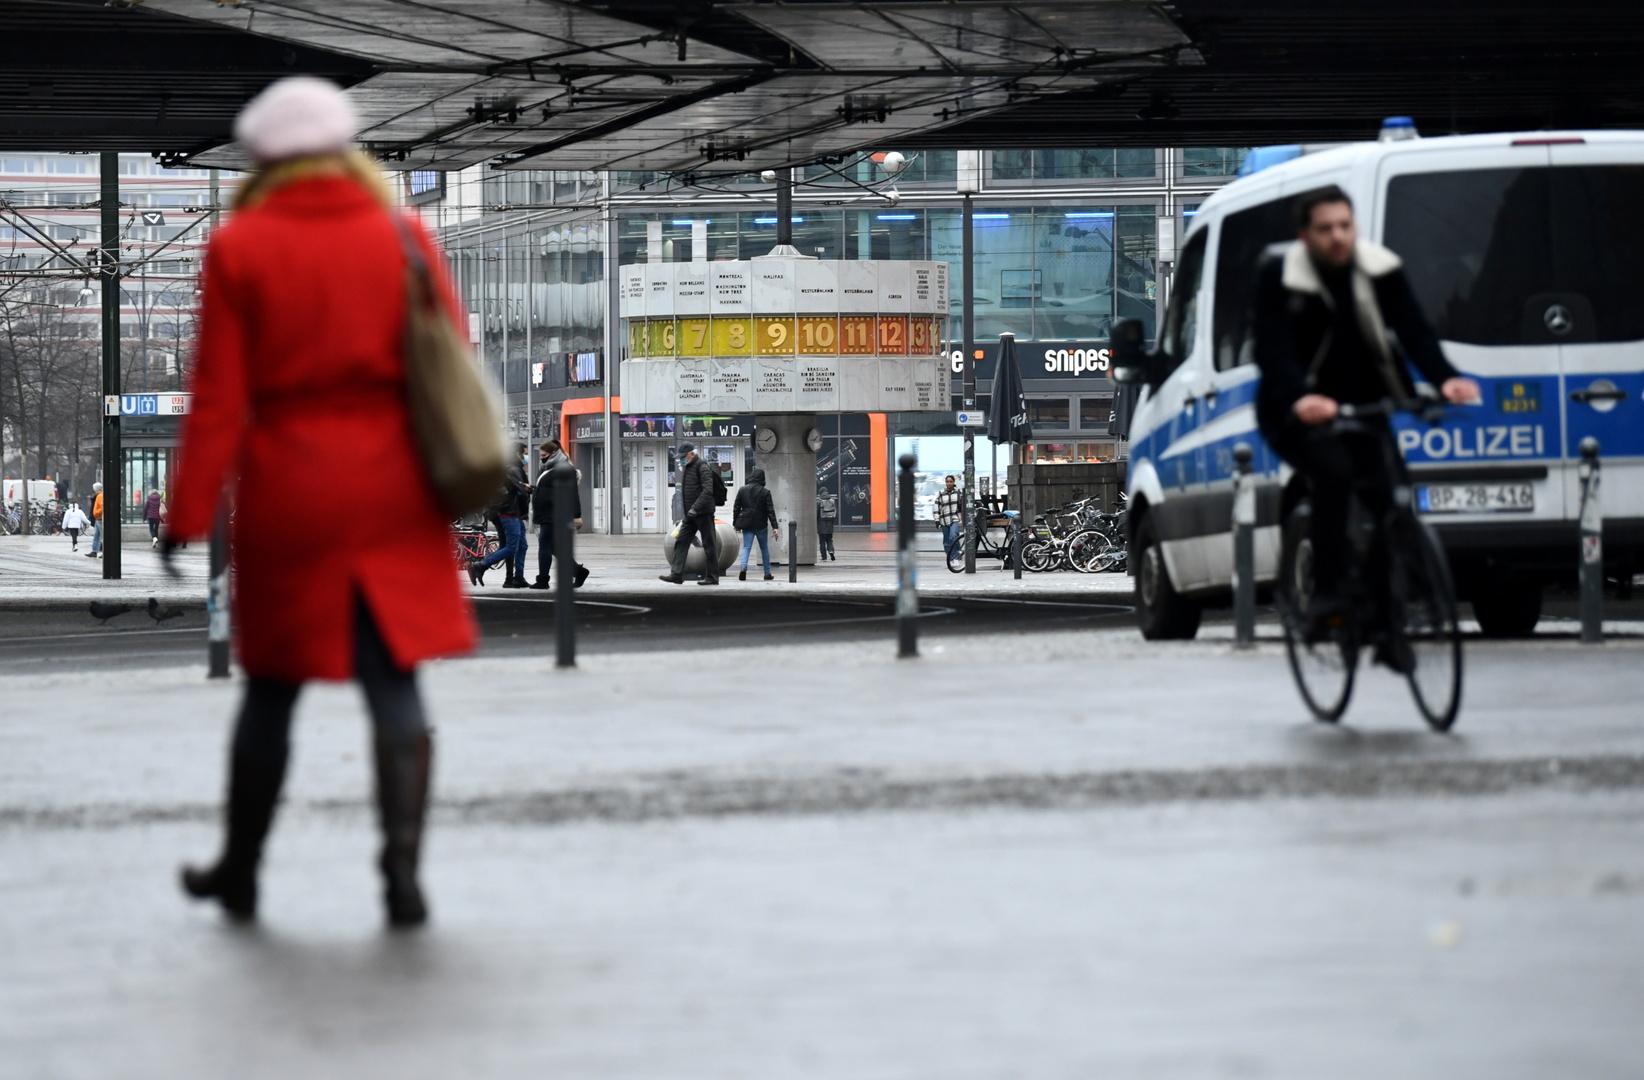 ألمانيا تسجل قفزة كبيرة في الوفيات اليومية الناجمة عن كورونا